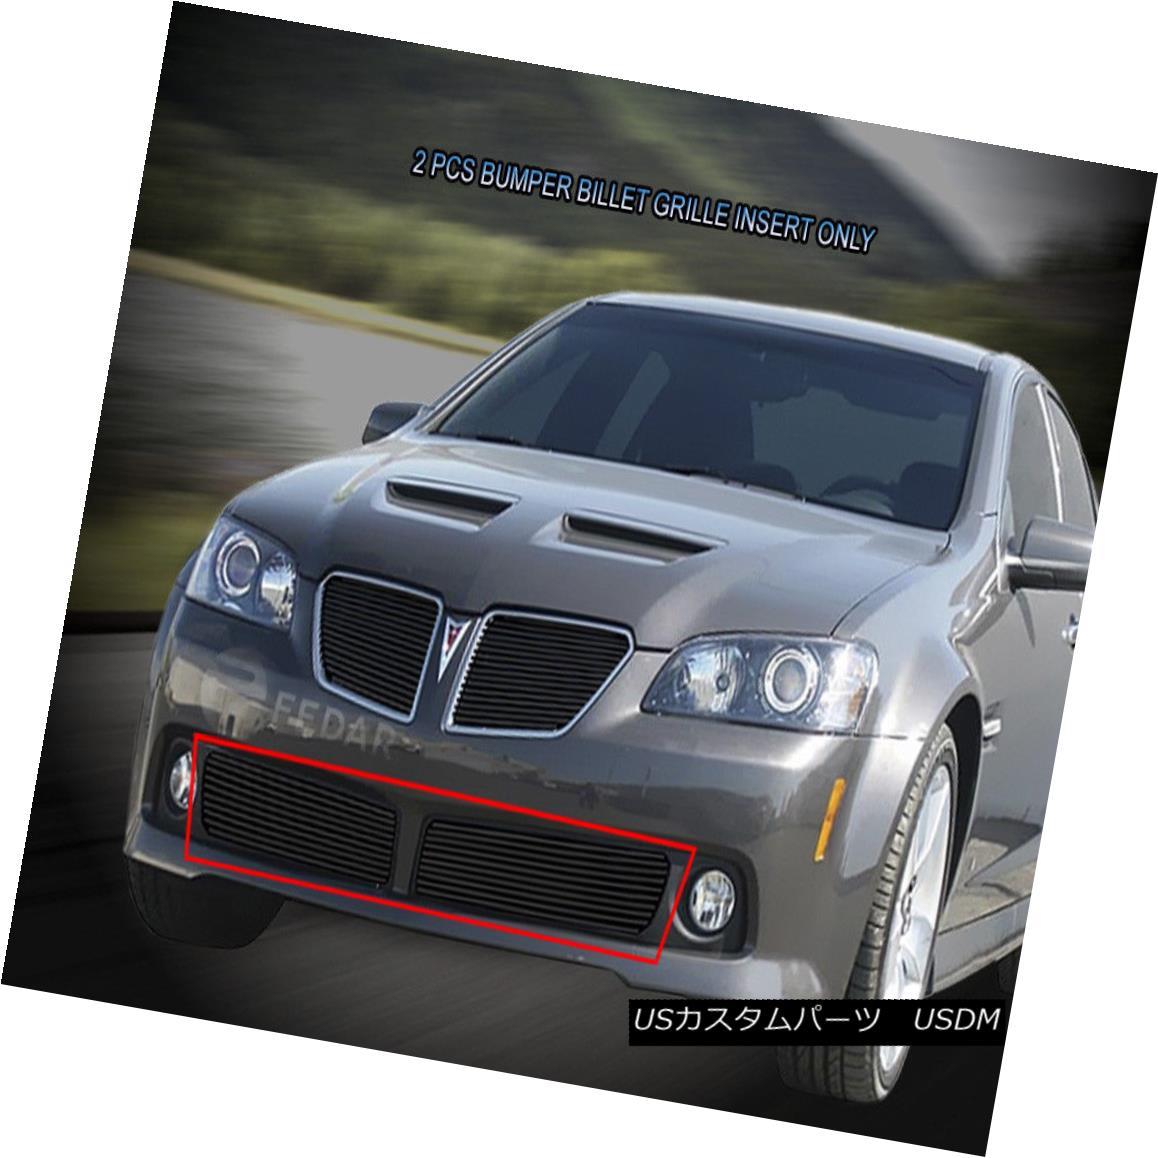 グリル For 2008-2009 Pontiac G8 Bolt-On Black Billet Grille Bumper Grill Insert Fedar 2008 - 2009年ポンティアックG8ボルトオンブラックビレットグリルバンパーグリルインサートFedar